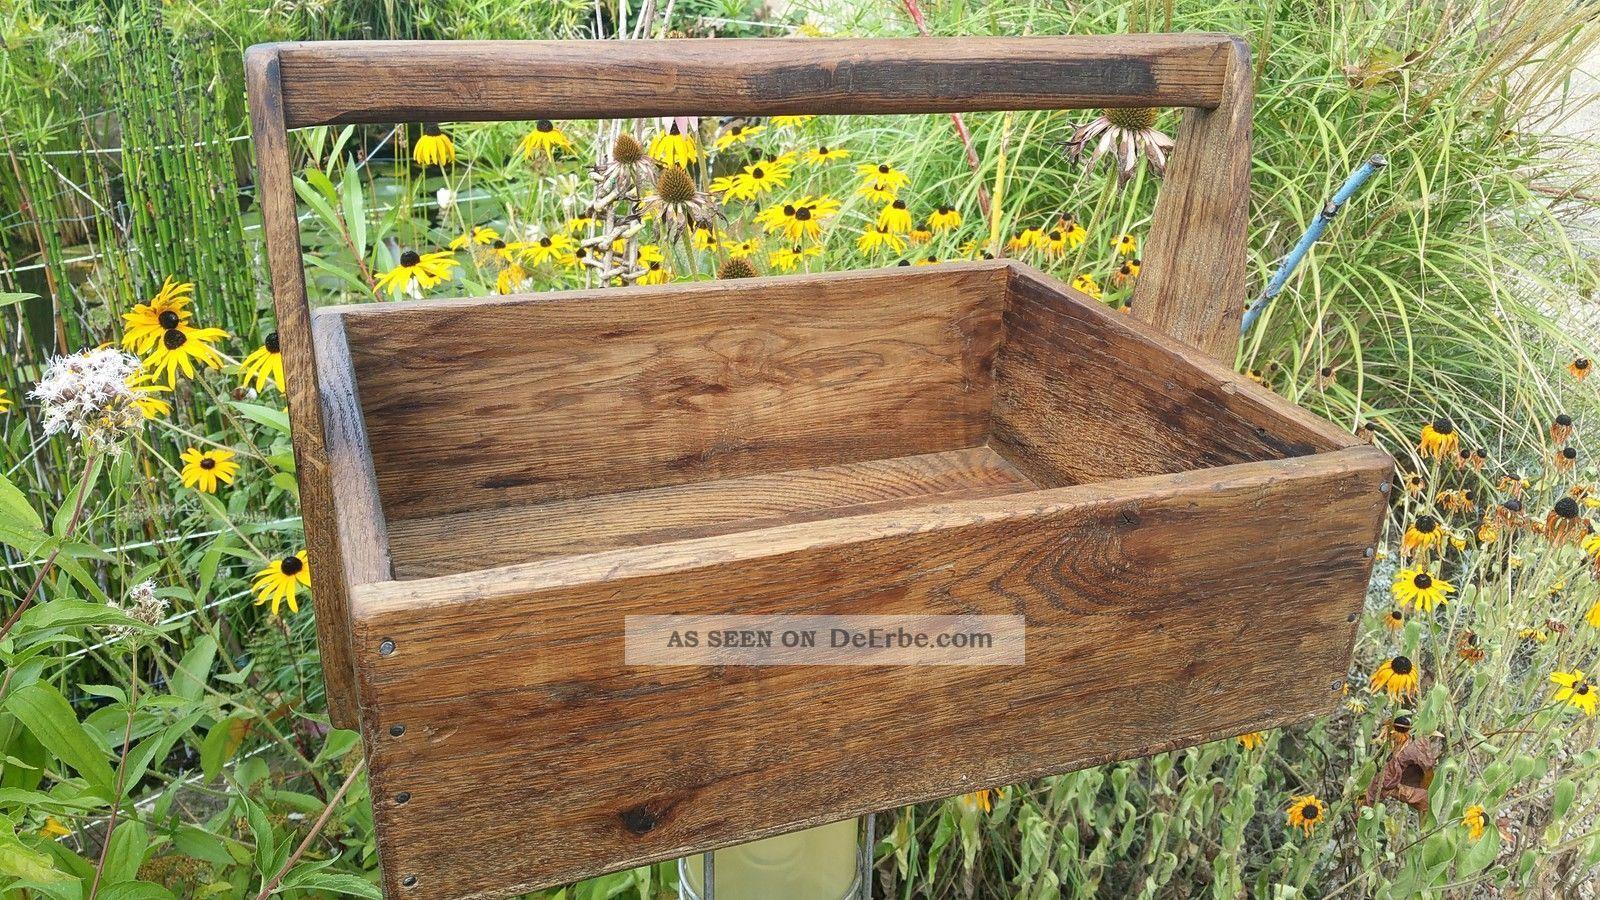 Französiche Holz Werkzeugkiste Eiche Massiv Kiste Koffer Truhe Kasten Zimmermann Bild